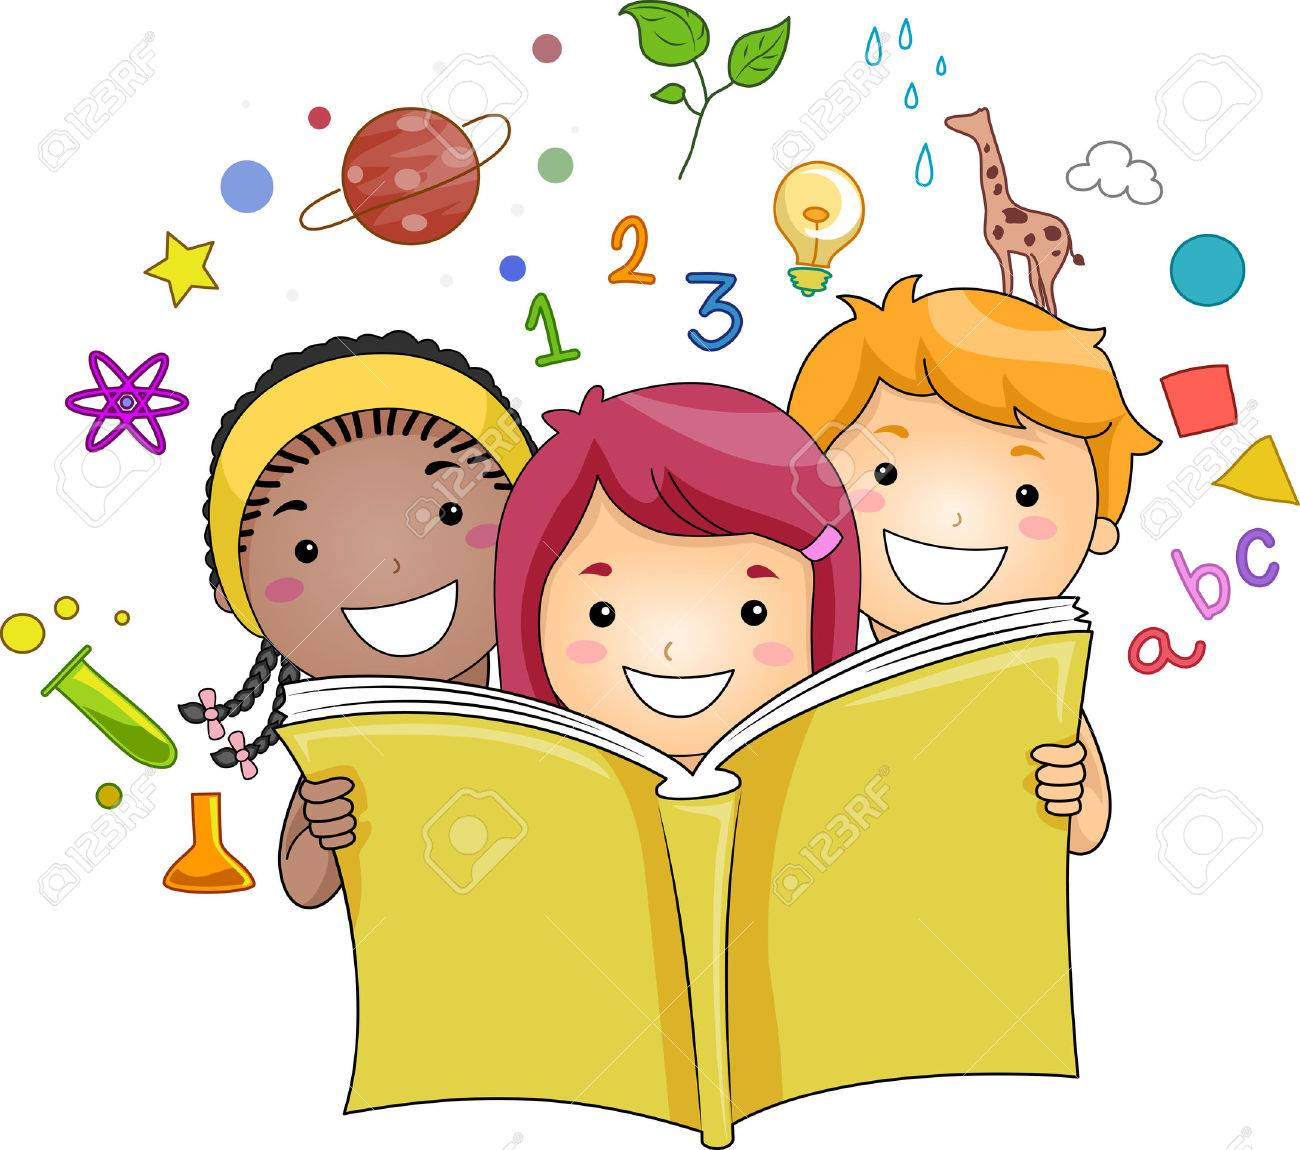 Chat para ni os y ni as jugar gratis online for Aprendiendo y jugando jardin infantil